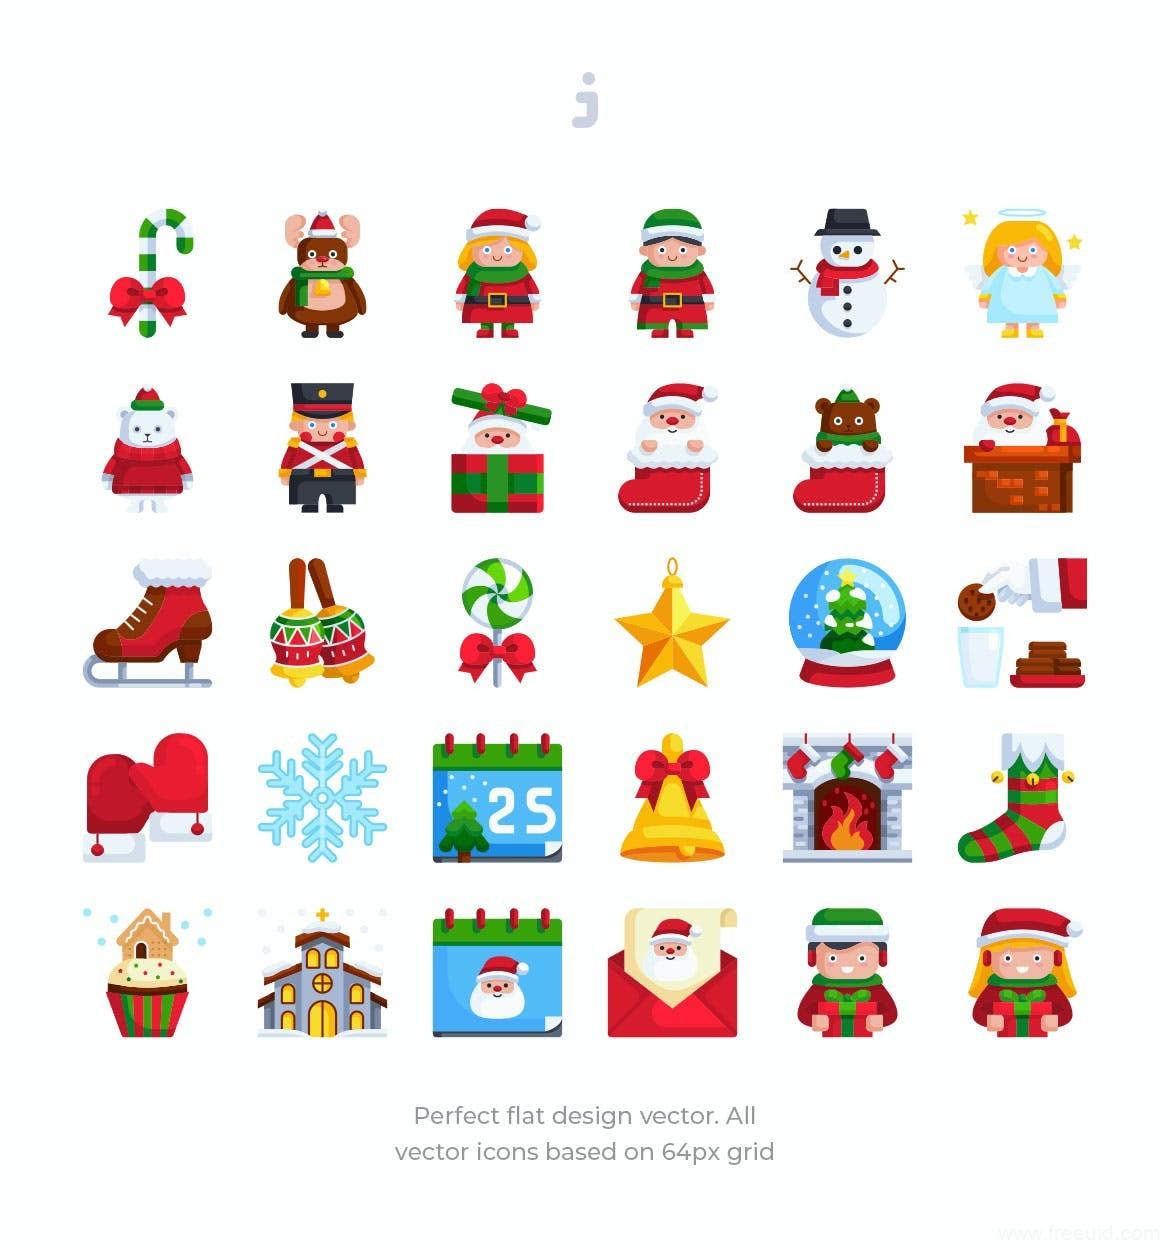 Christmas圣诞节元素图标icon源文件,圣诞节运营设计元素ai源文件下载